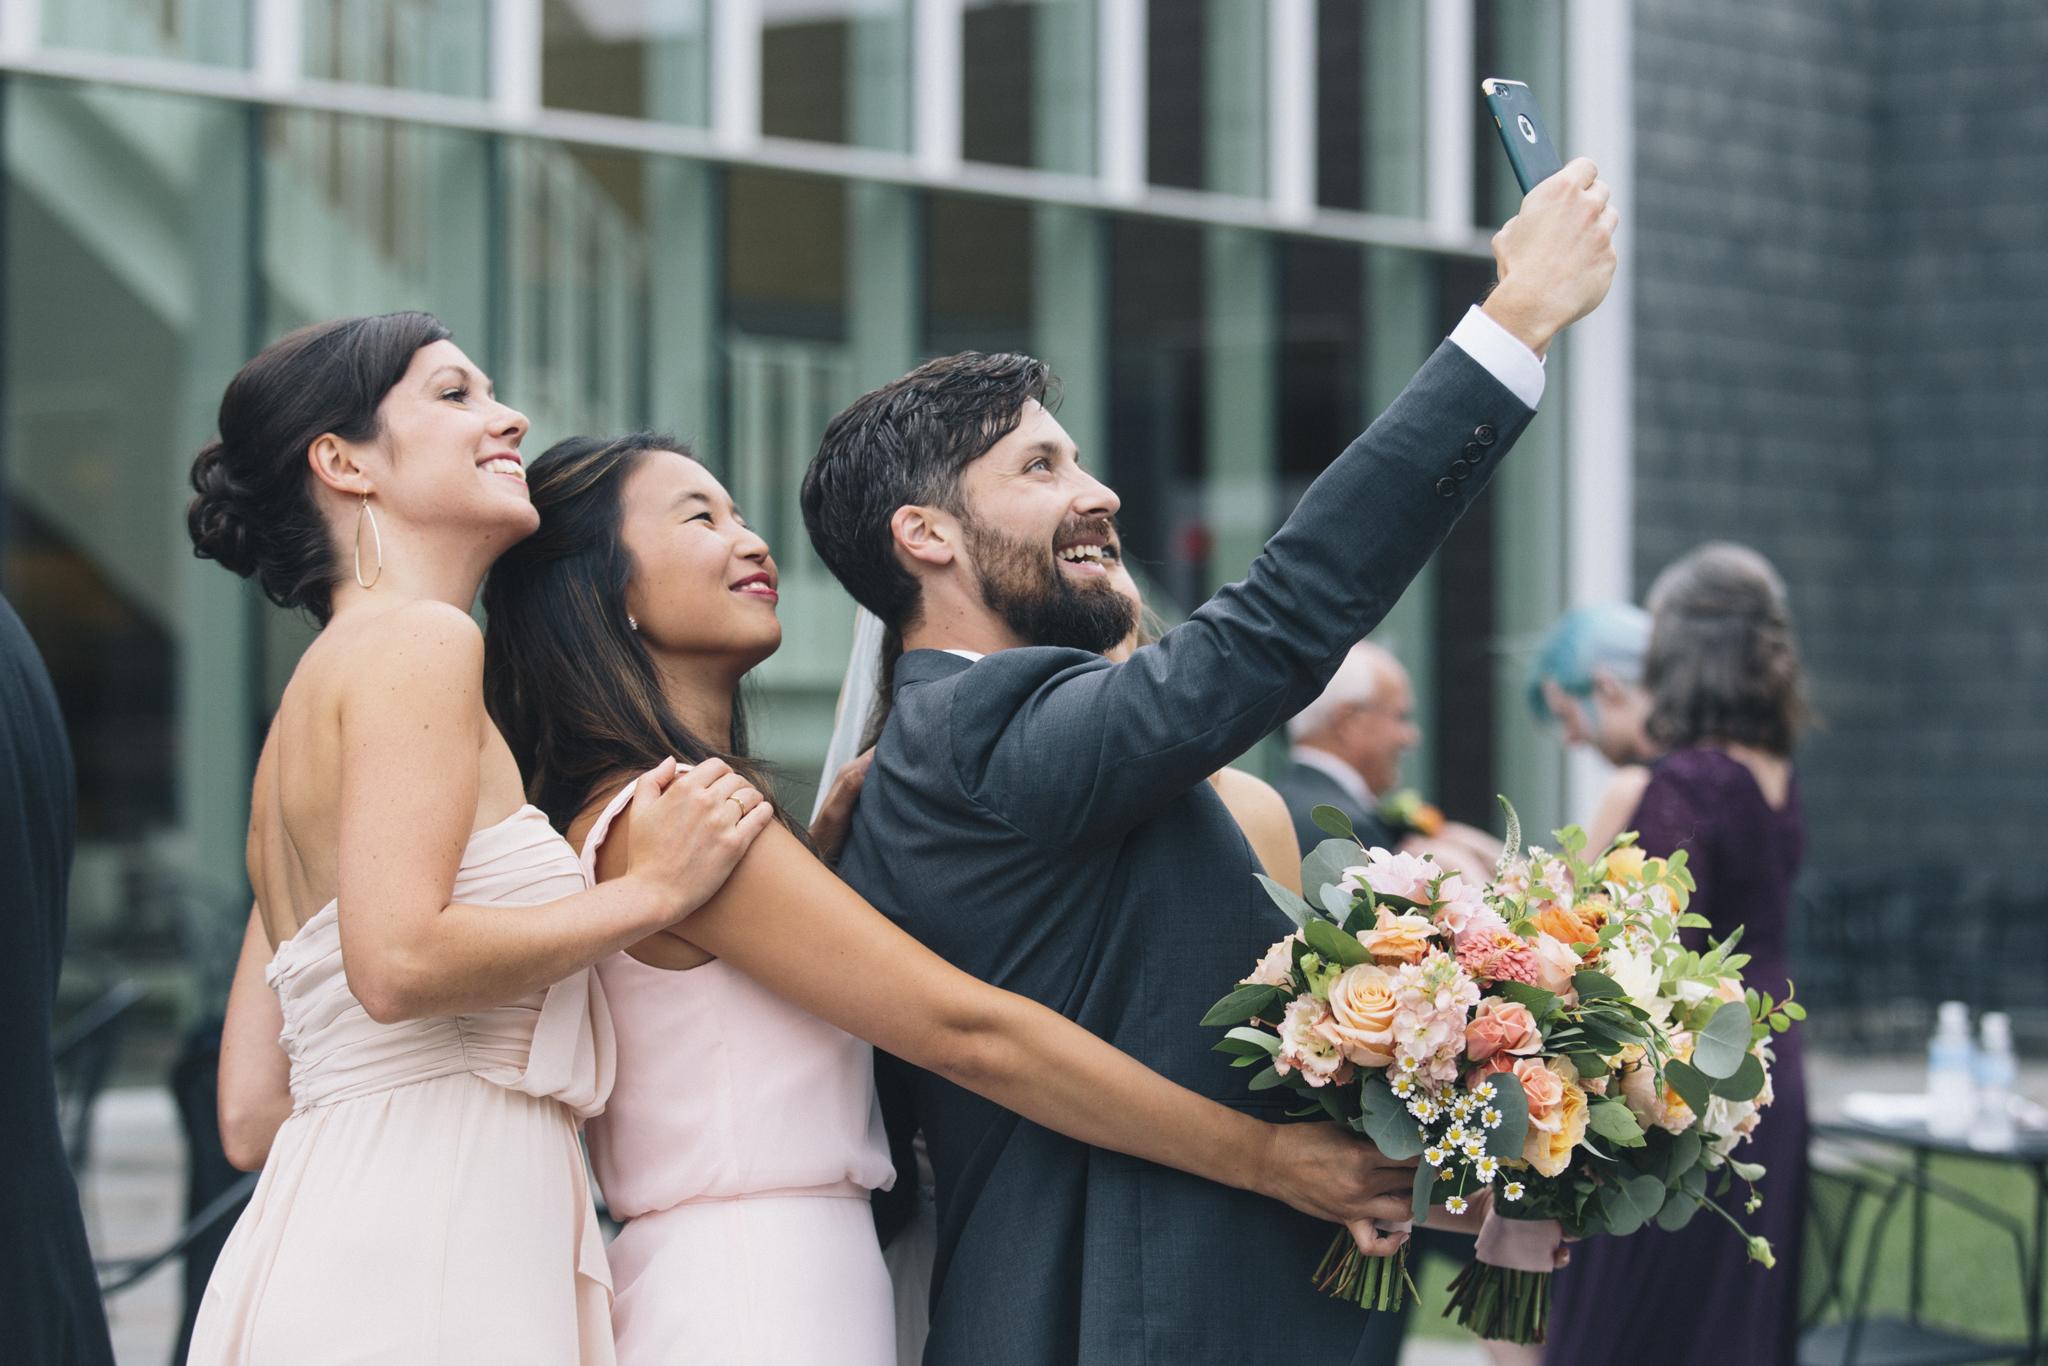 harlan_megmike_wedding_36.jpg